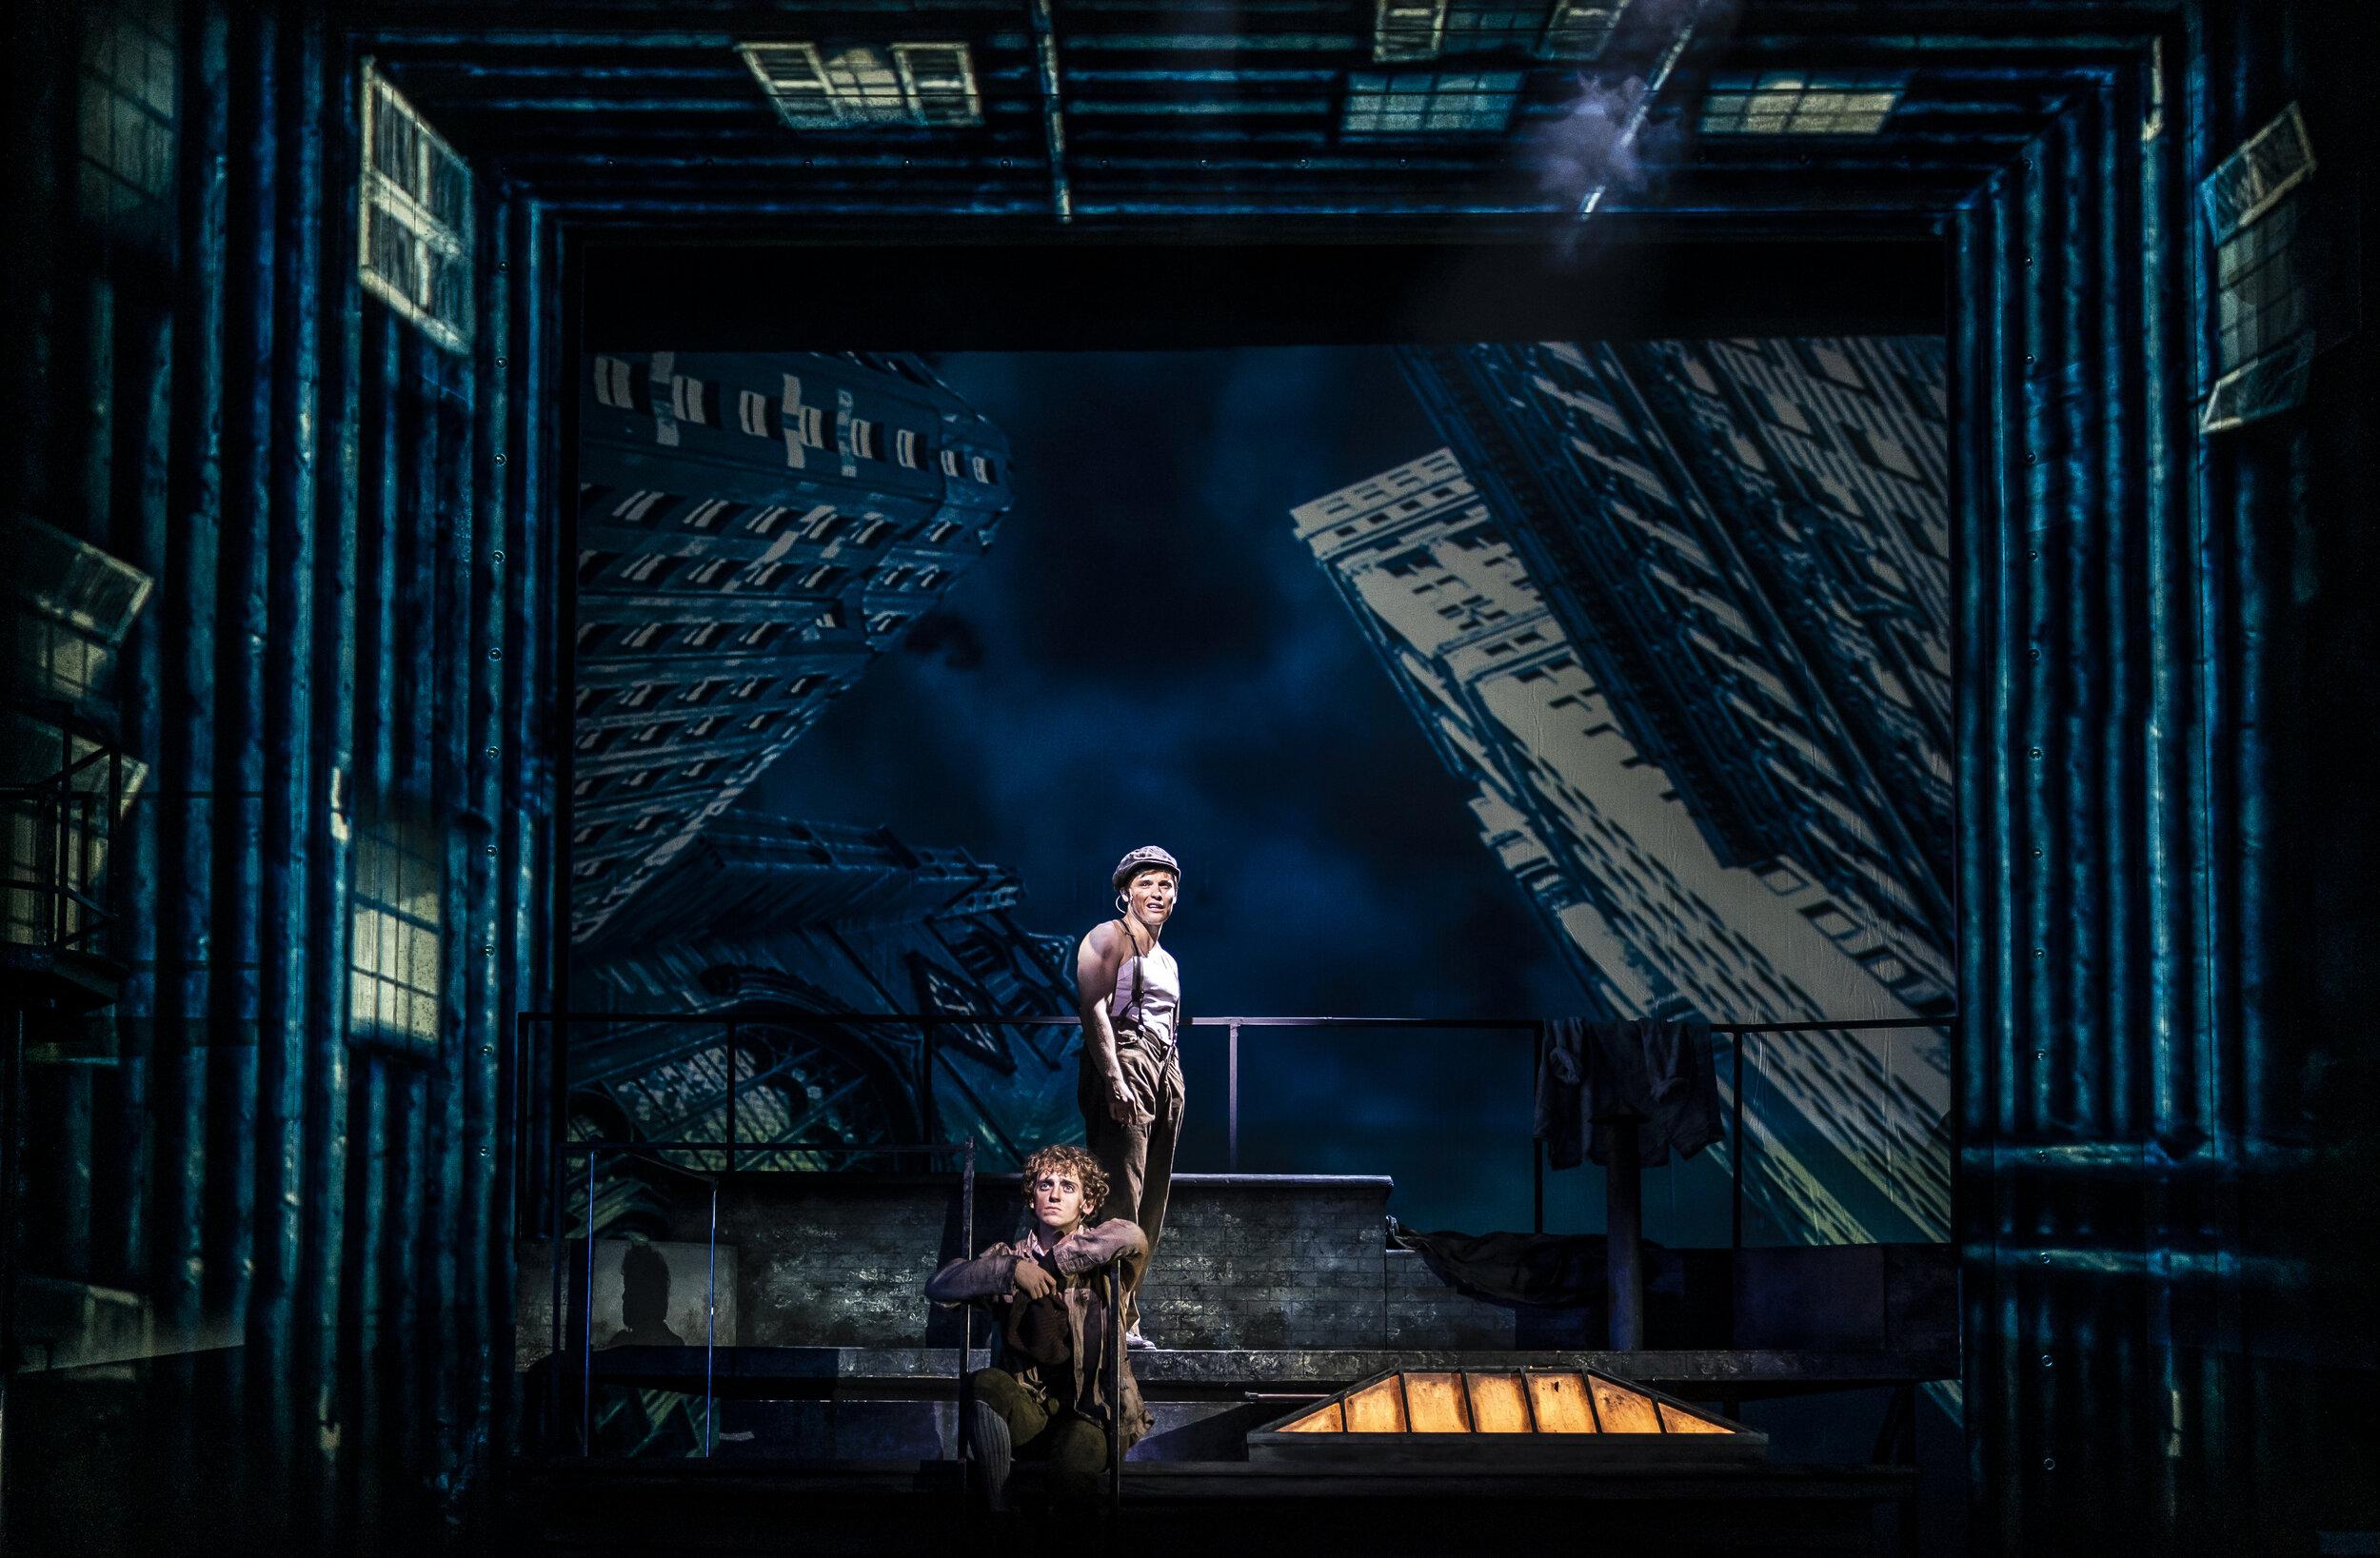 Newsies-Joe Burke-Projection Design-Paramount Theatre-Liz Lauren_02.jpg